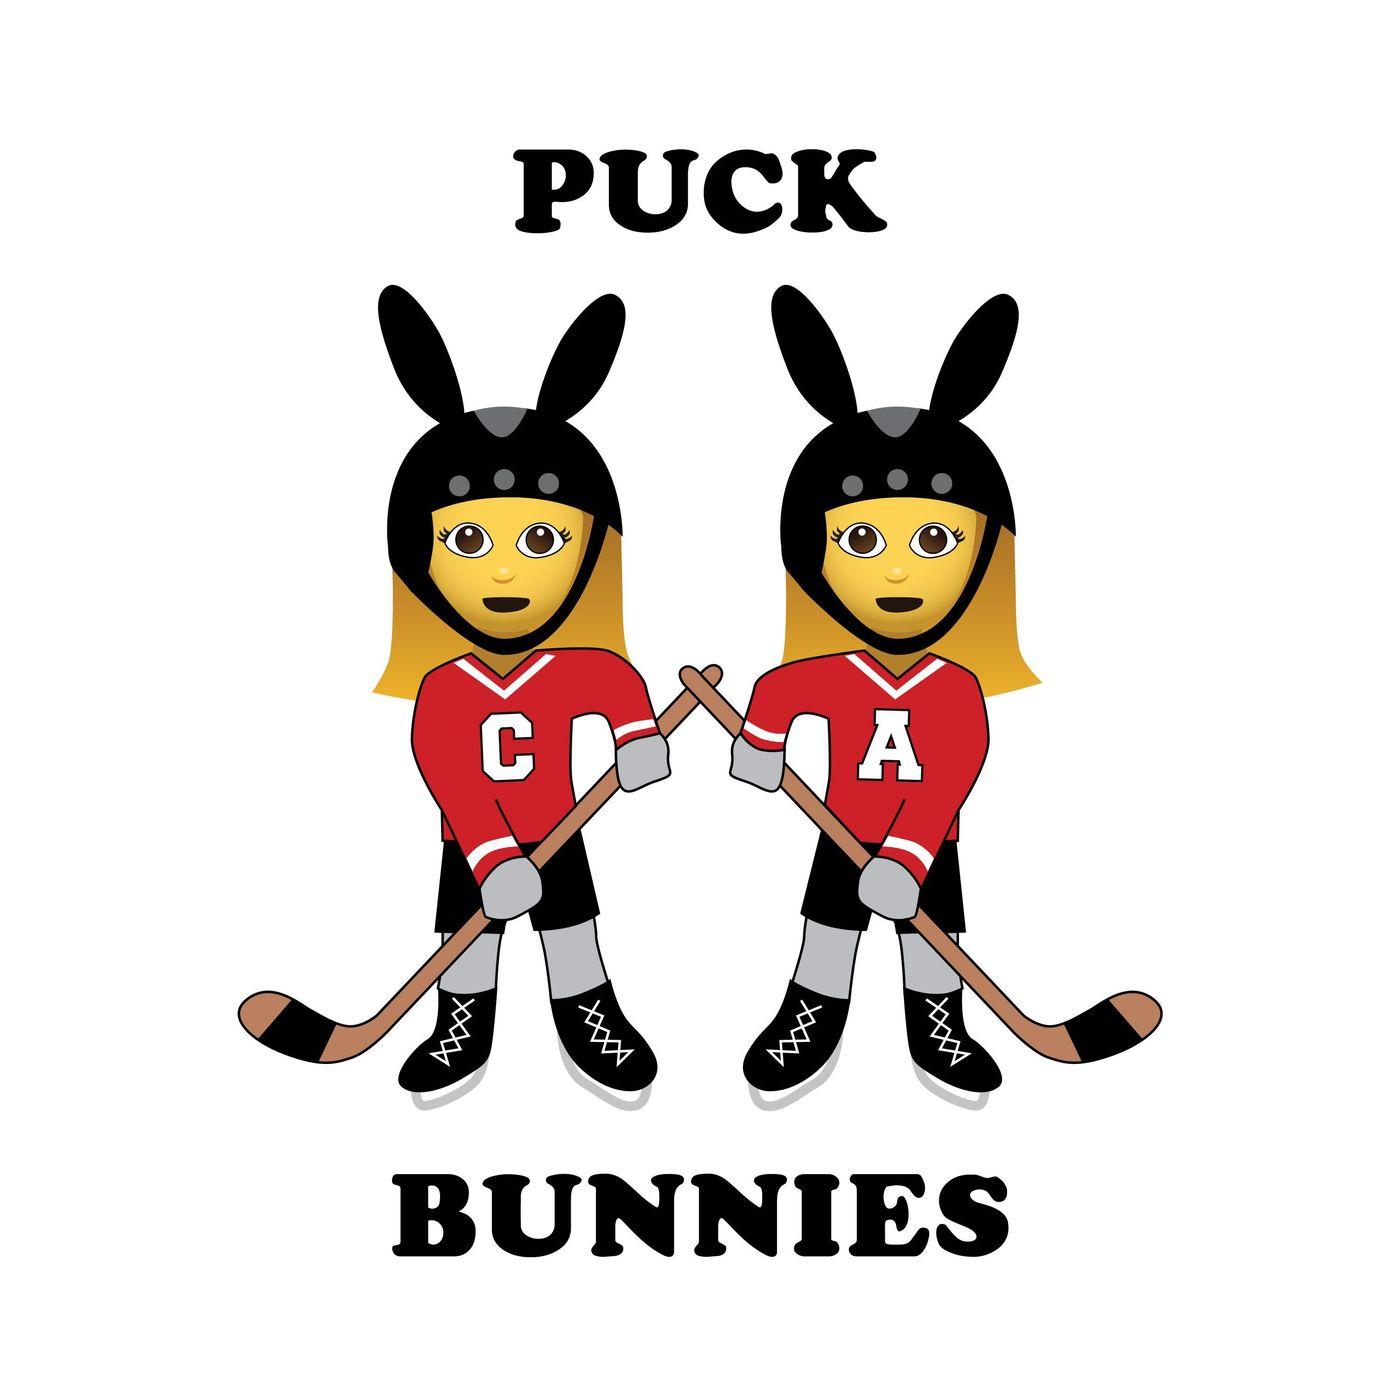 Puck Bunnies